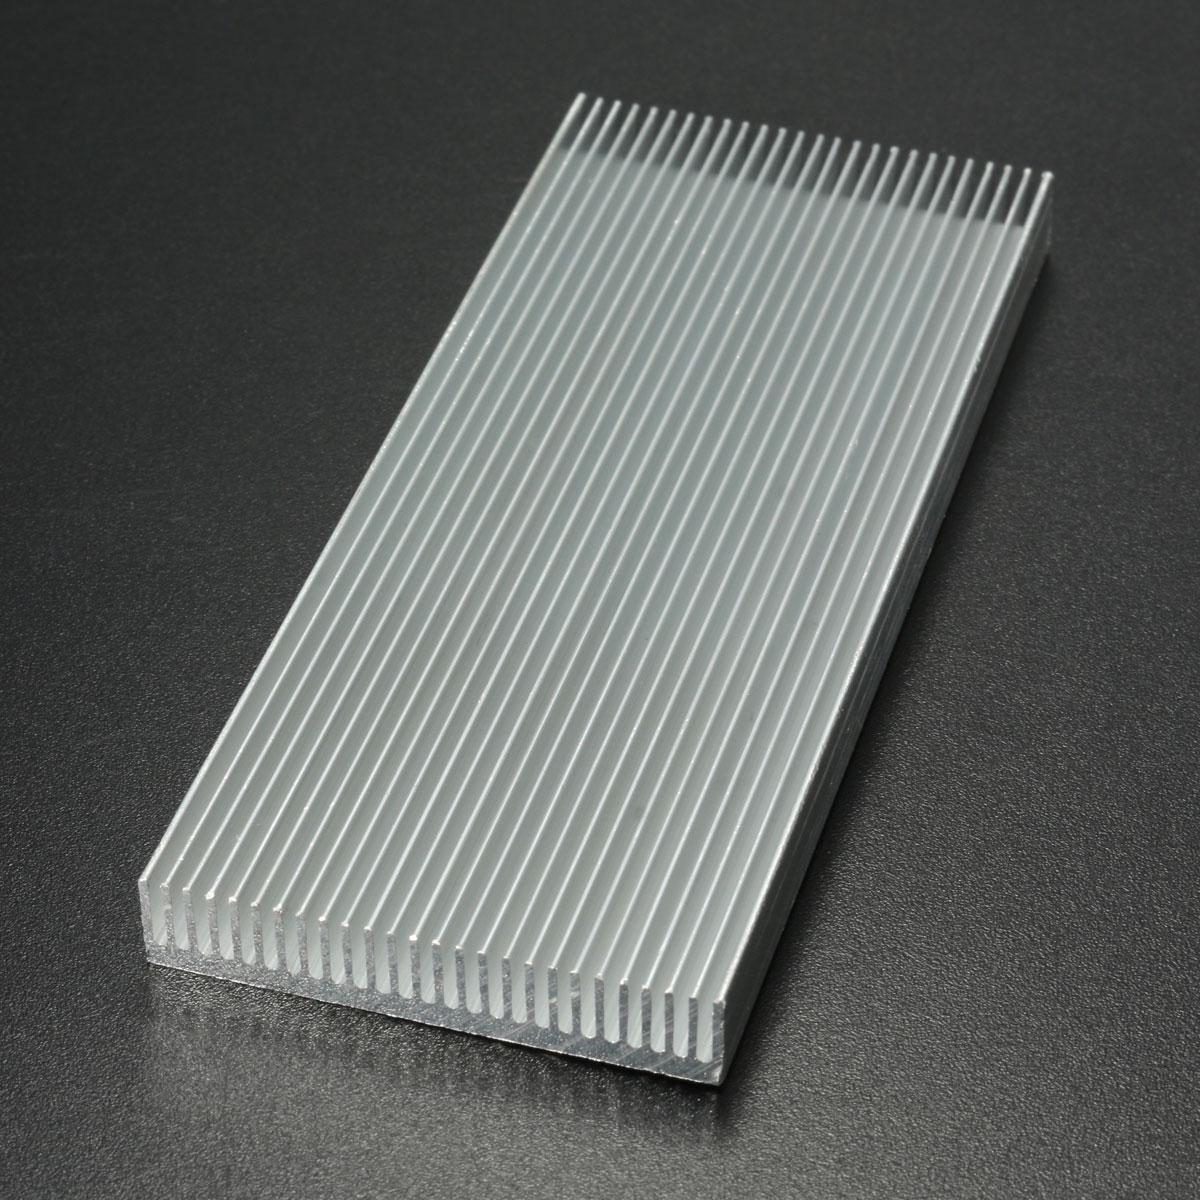 5pcs 100x41x8mm алюминиевый радиатор радиатора радиатора для высокой мощности LED Усилитель Охлаждение транзистора - фото 6